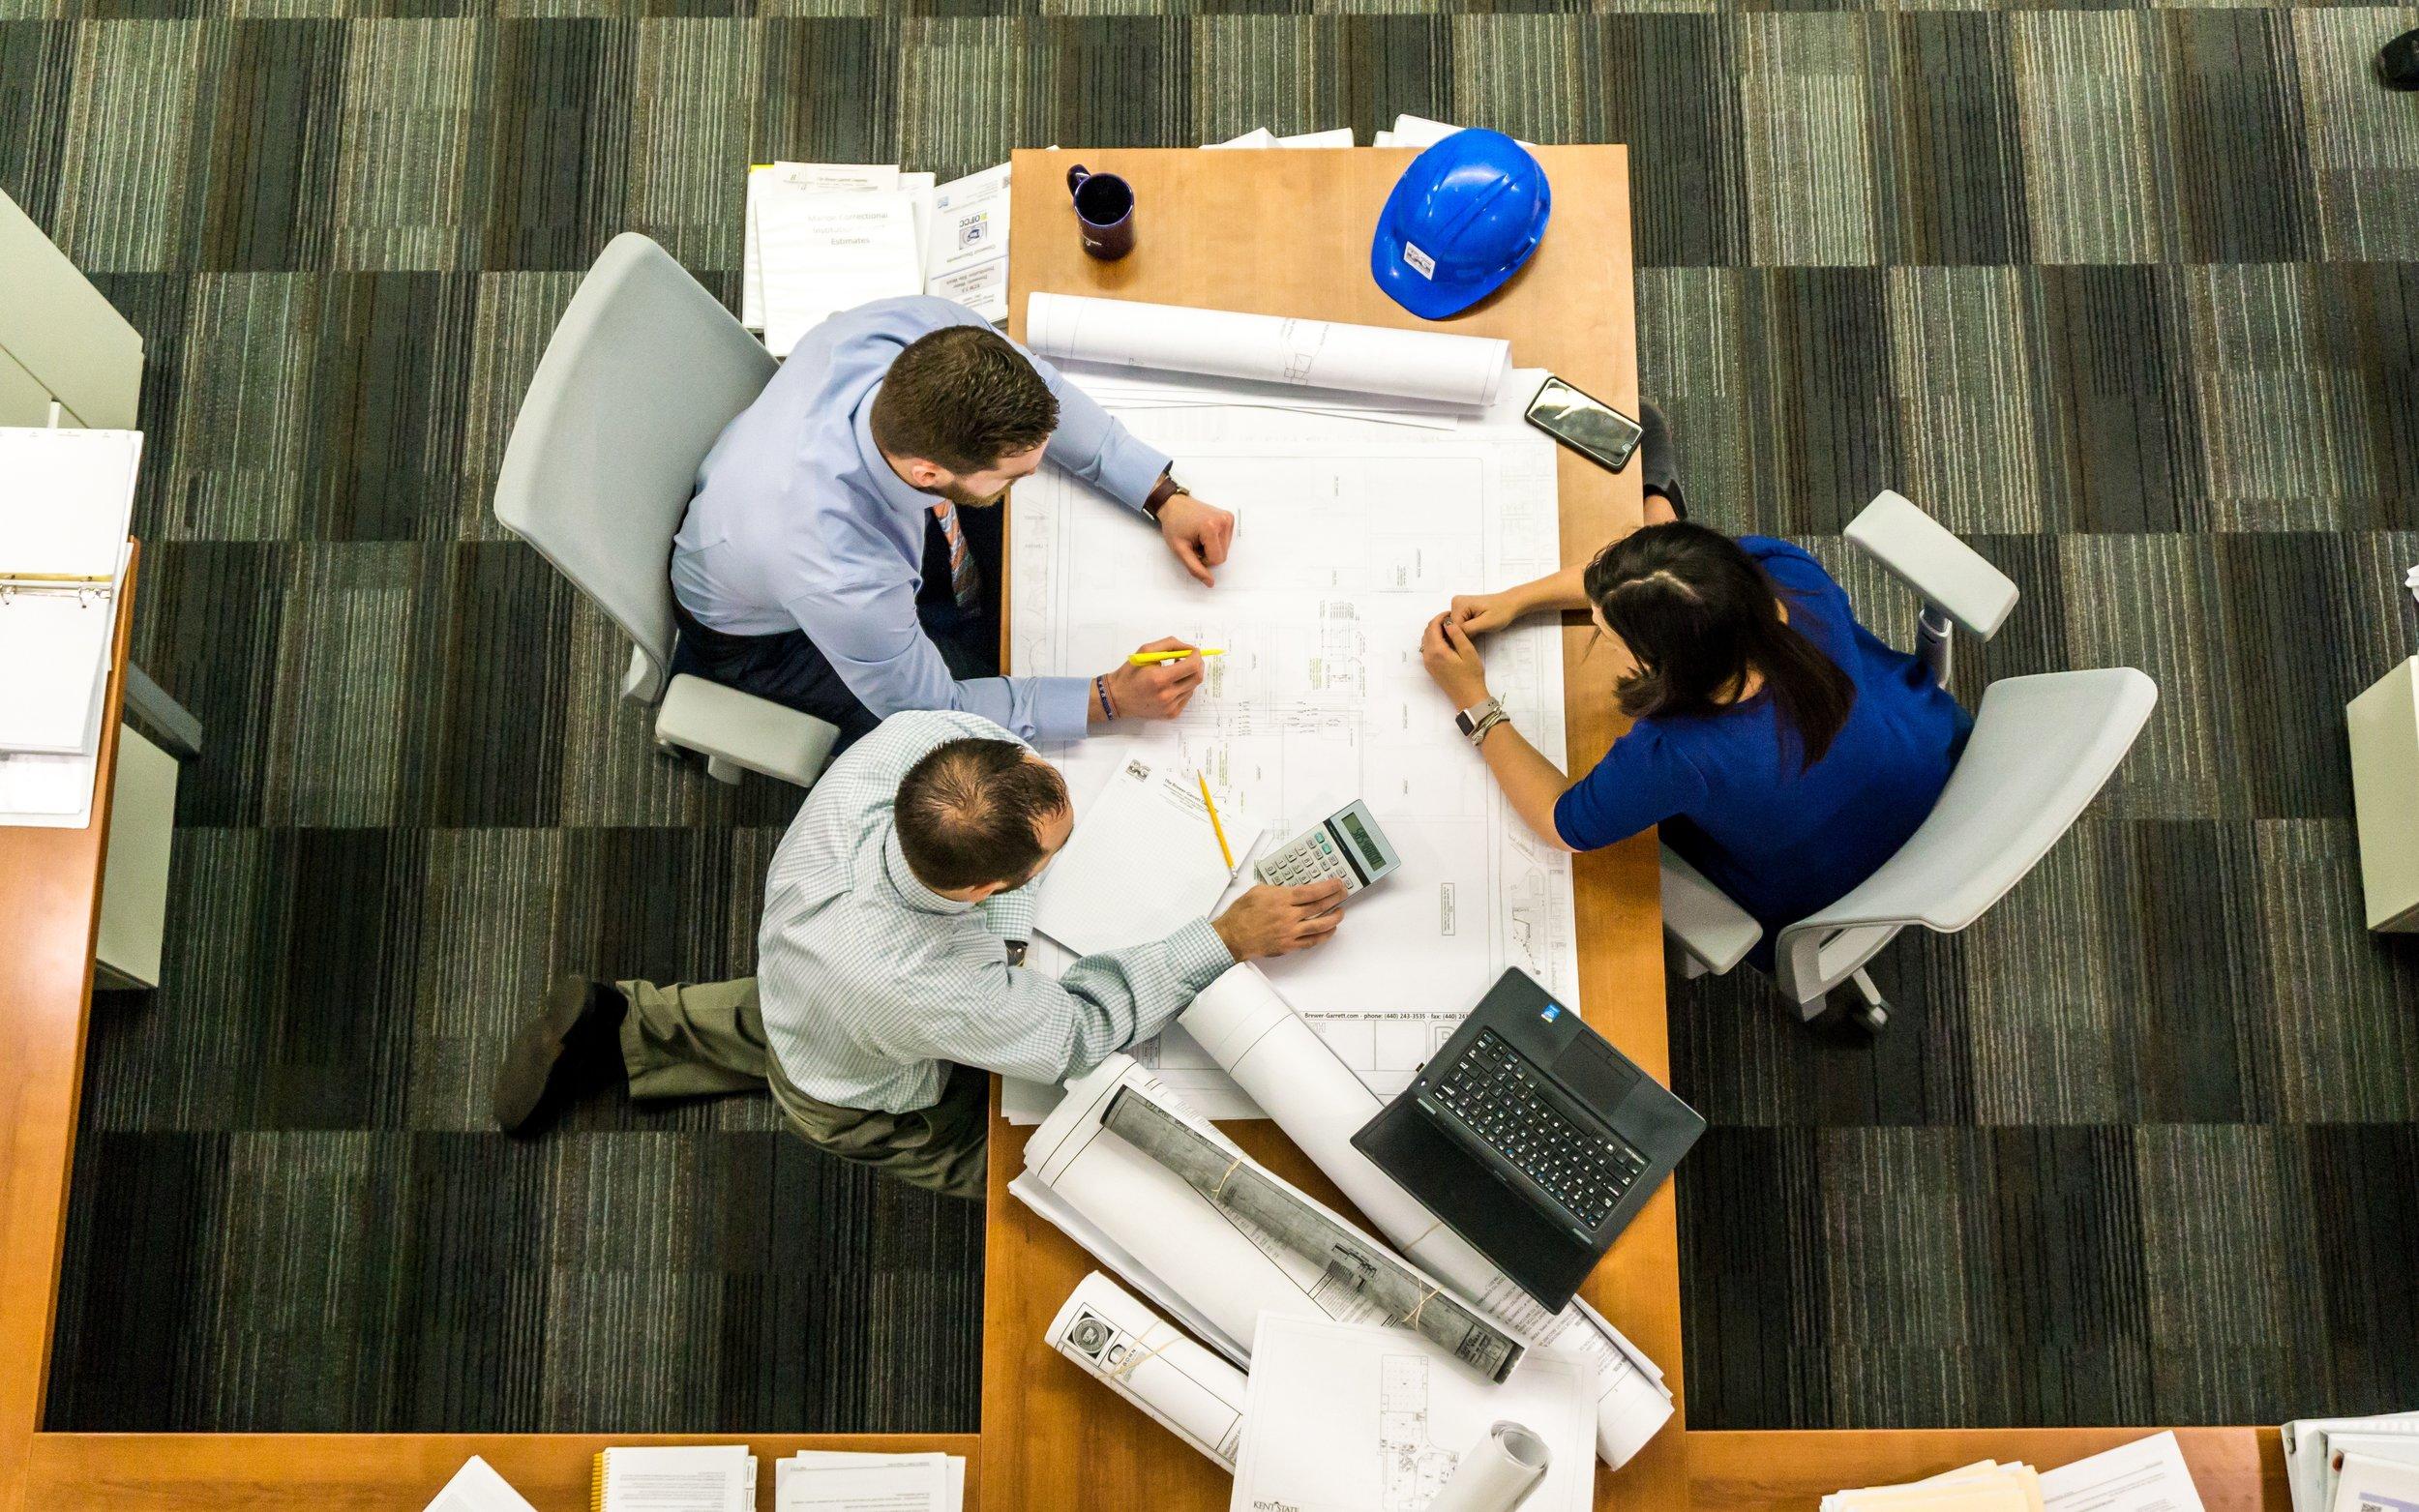 ARQUITECTURA - Profesionales de la arquitectura y la construcción adquirirán de las habilidades comunicativas trabajarán el vocabulario técnico y expresiones útiles para la actividad profesional integrados en la adquisición de habilidades comunicativas en inglés.